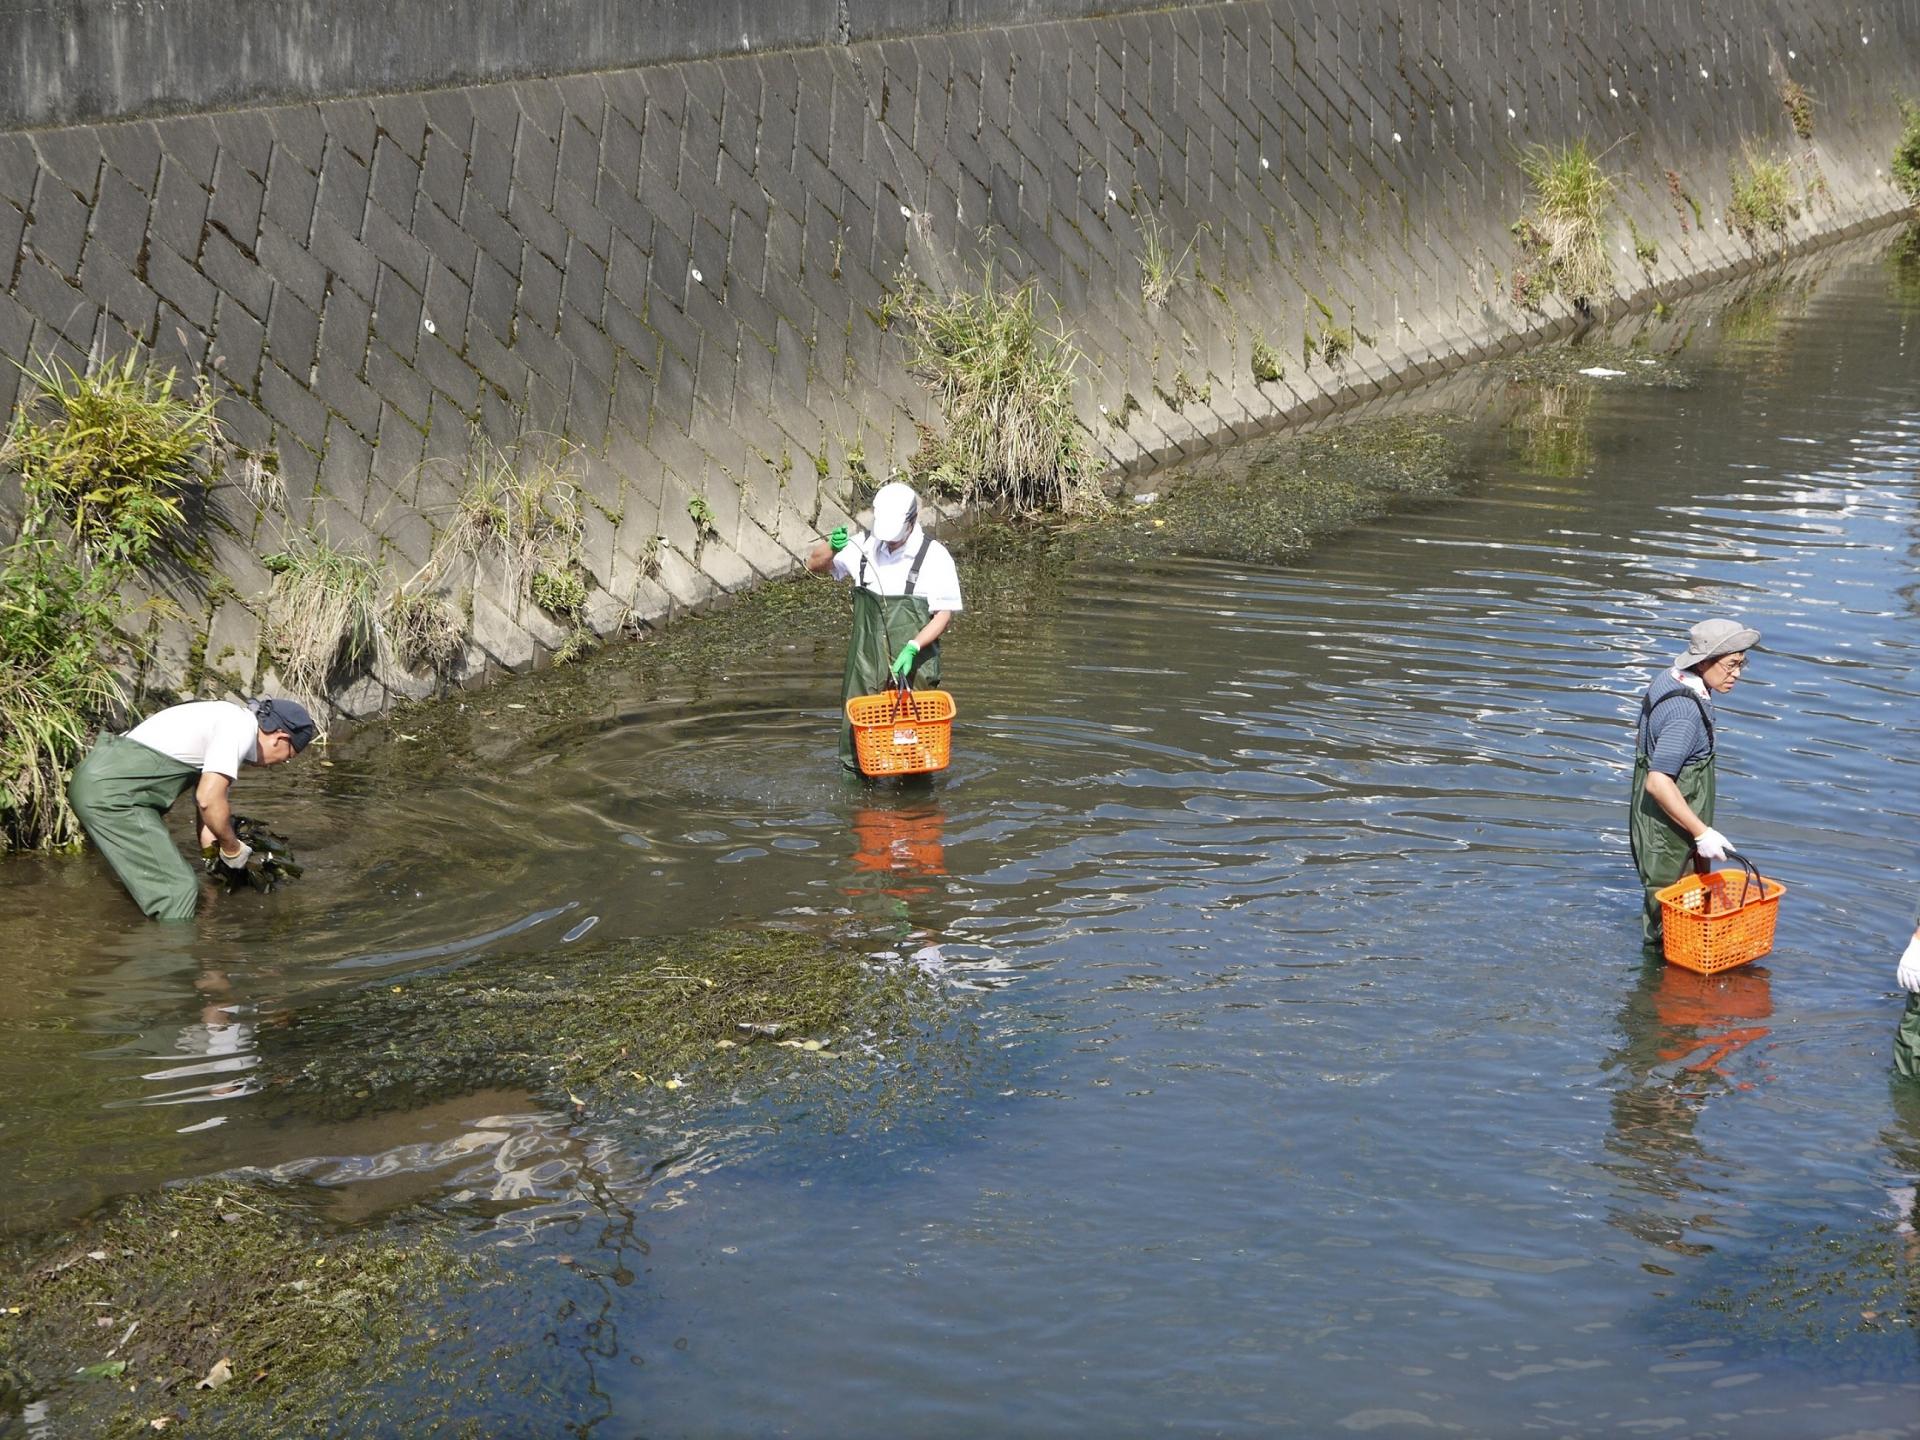 かごを使って水中のごみを集めている様子